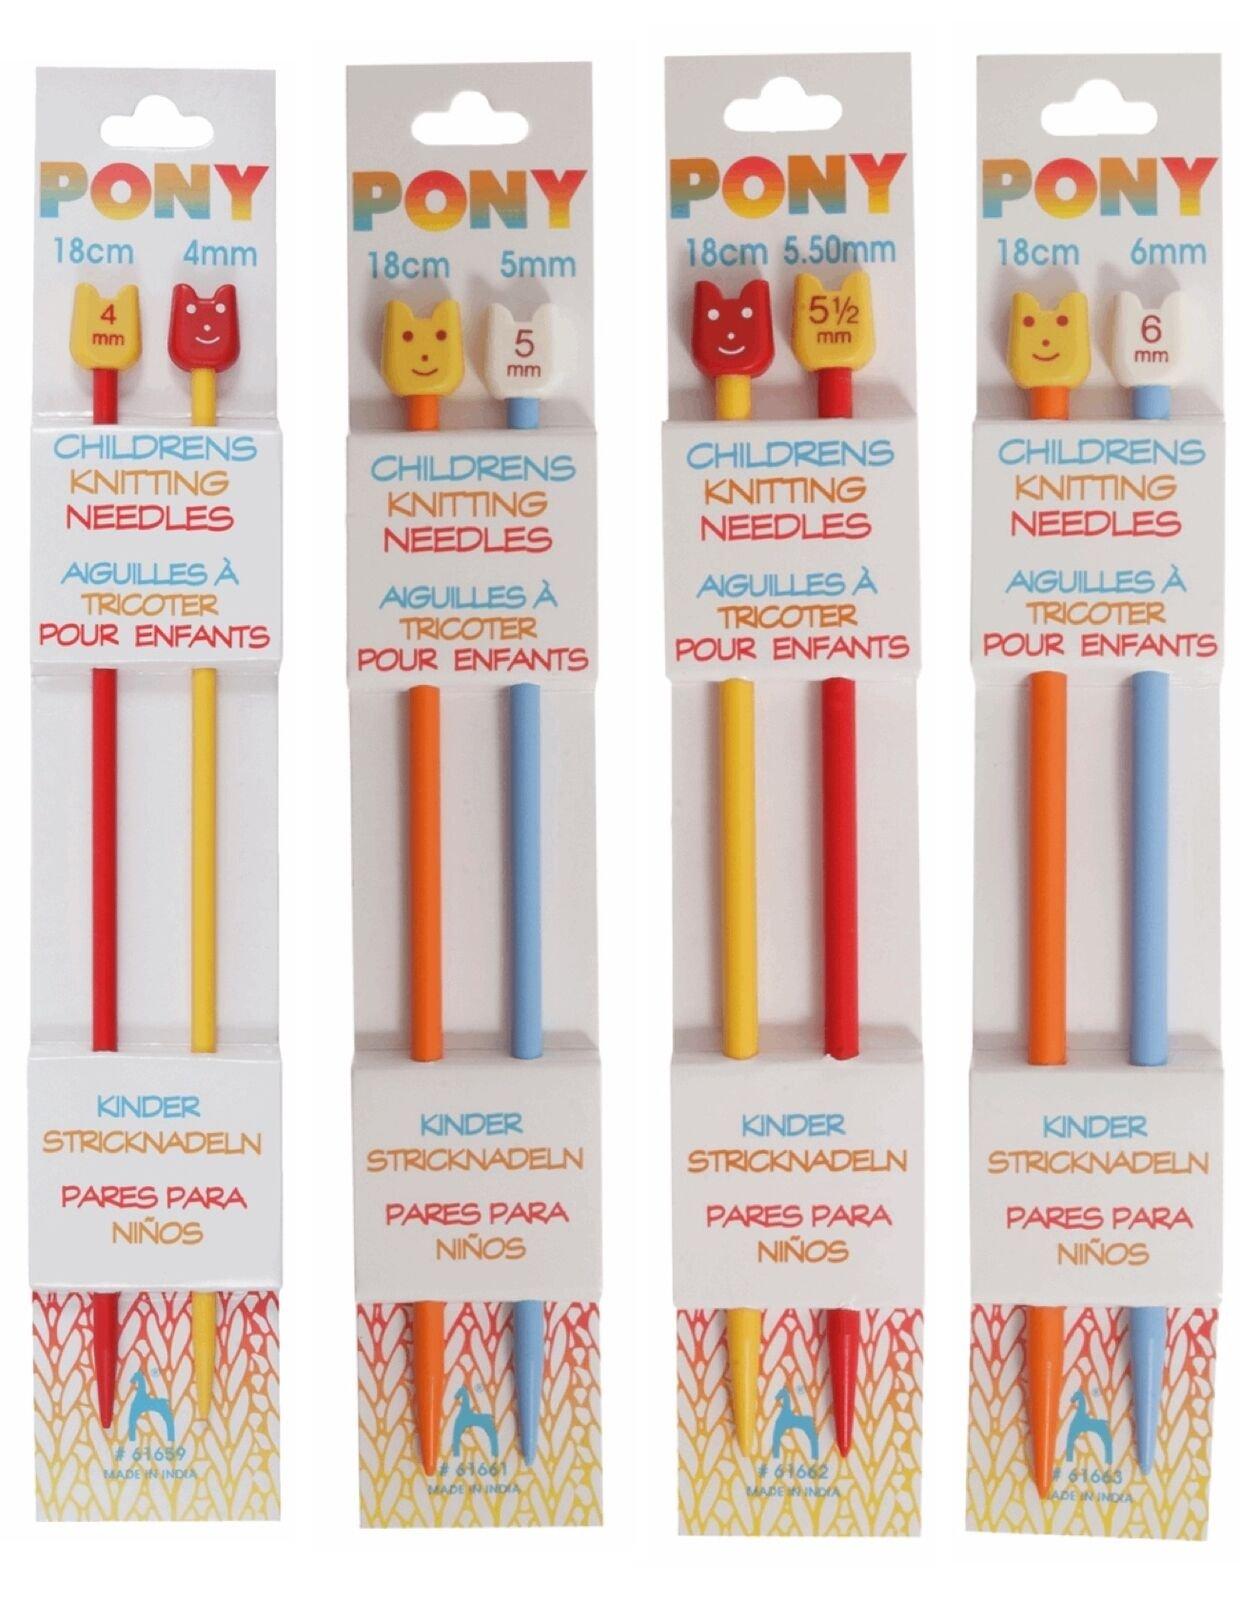 Pony Childrens Needles